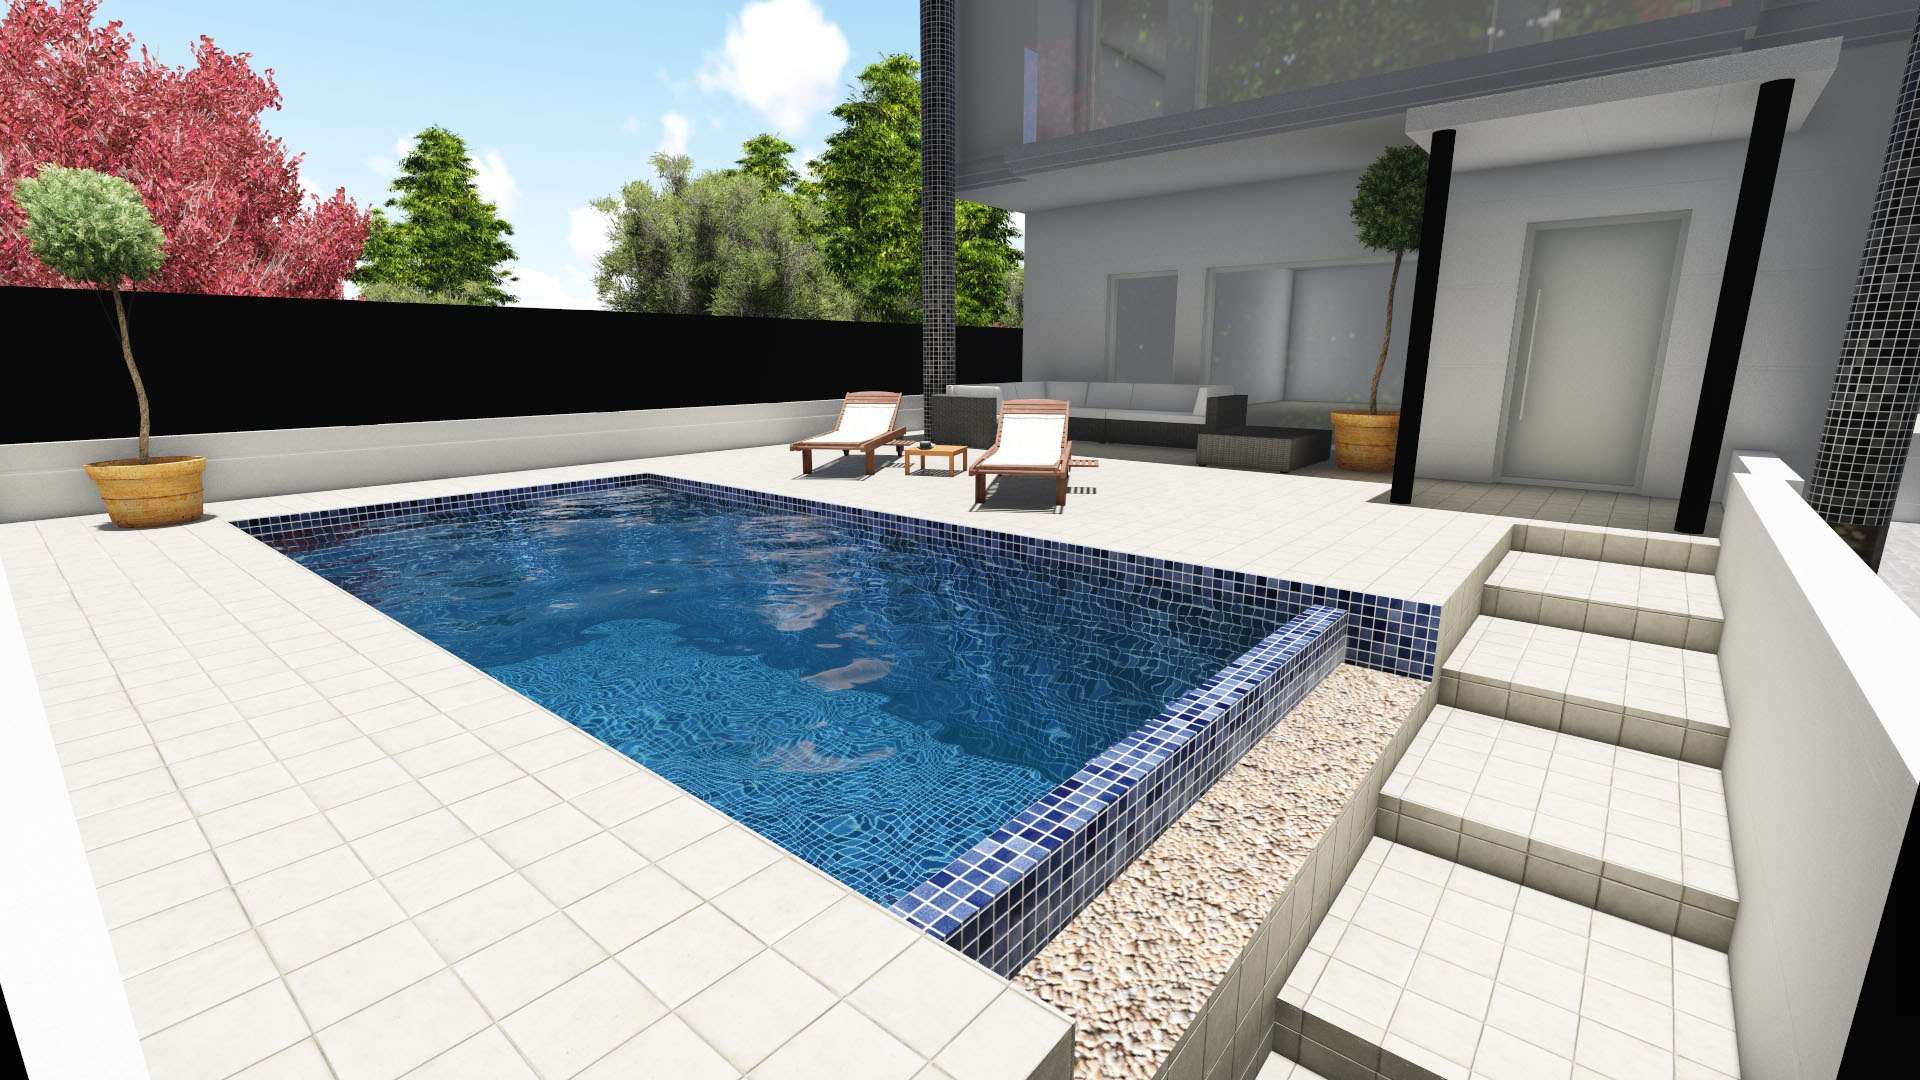 Edile arquitectura dise o 3d piscina for Programa diseno de piscinas 3d gratis